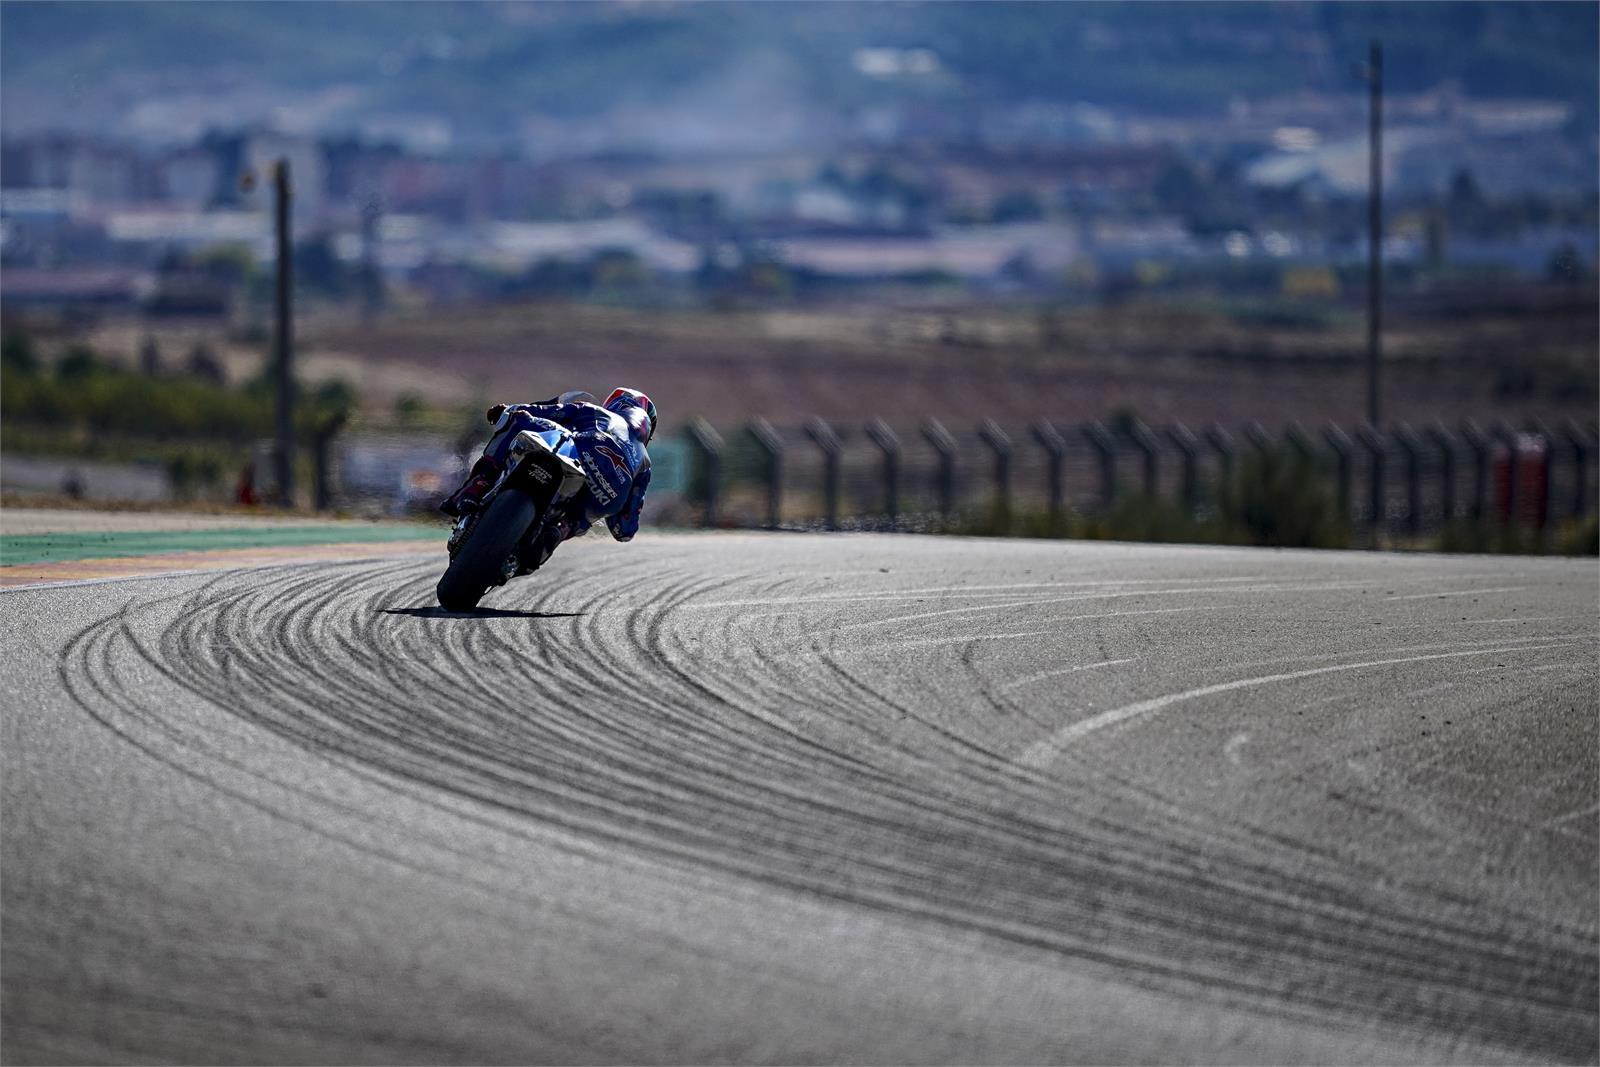 Motogp Aragon 2021